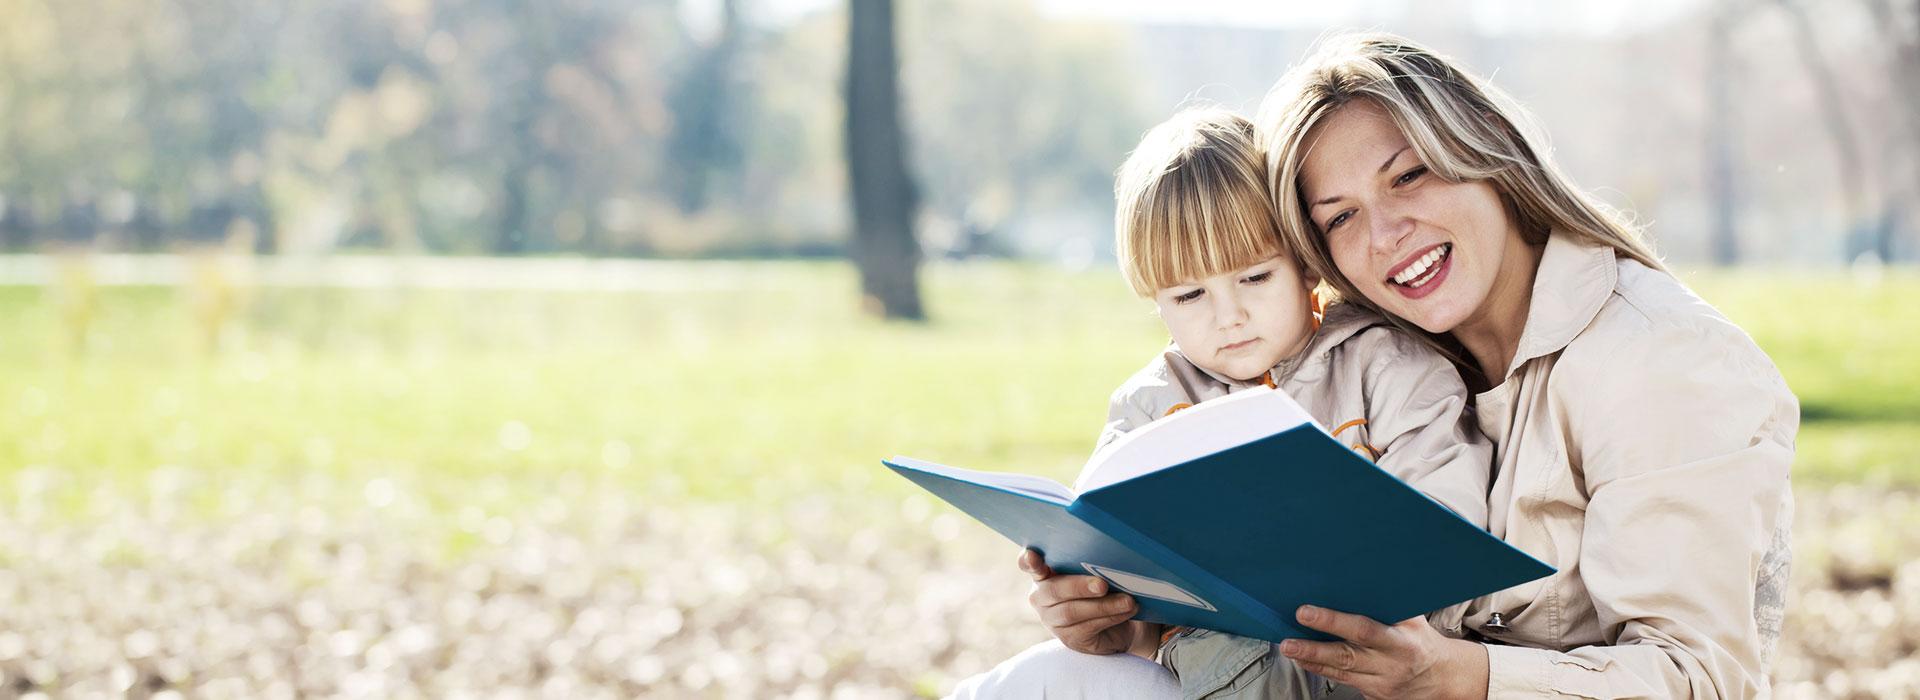 Mère racontant une histoire à son enfant dans un parc ensoleillé